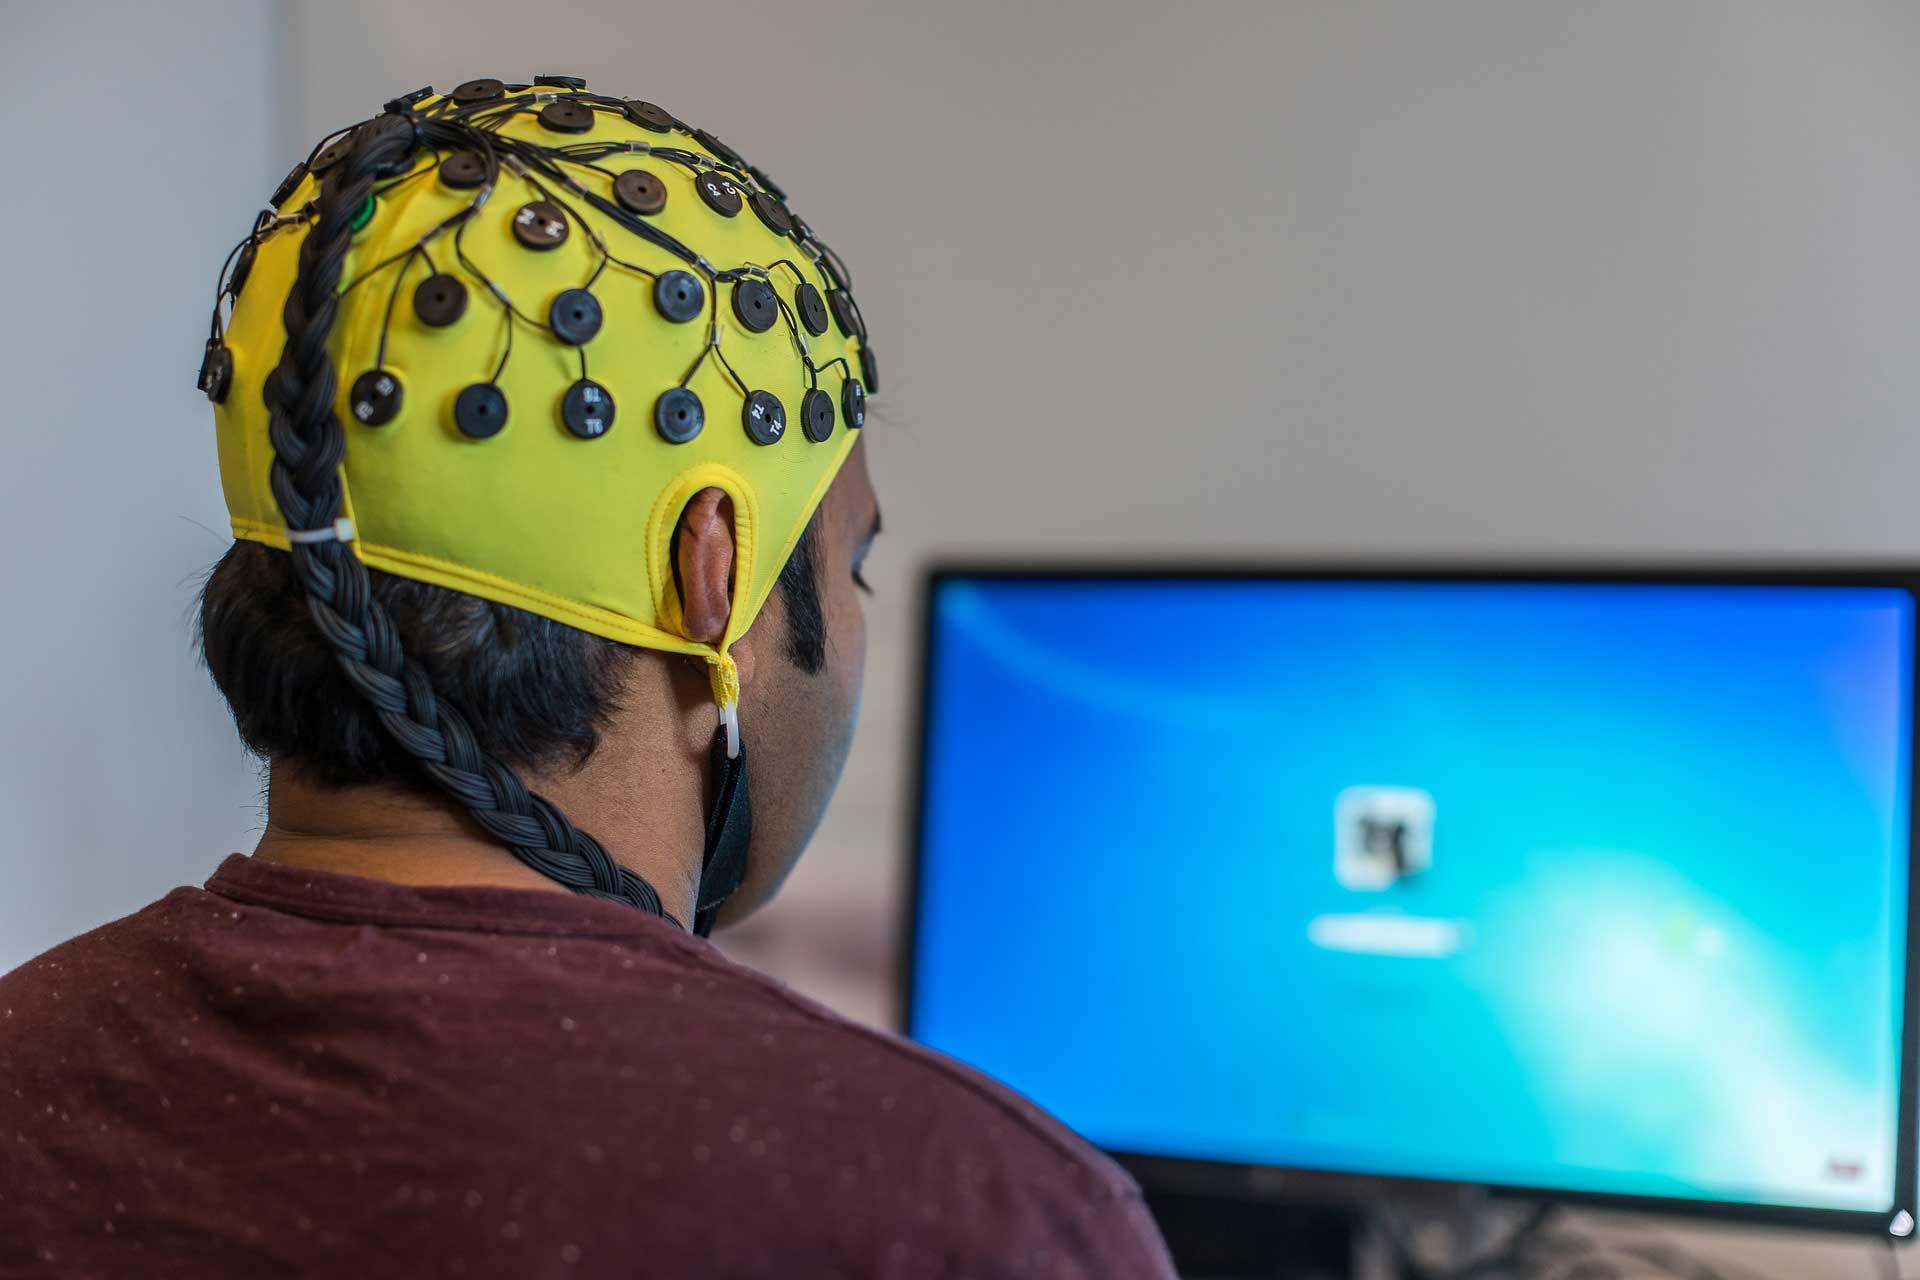 Beyin Aktivitelerini Inceleyen Baslik